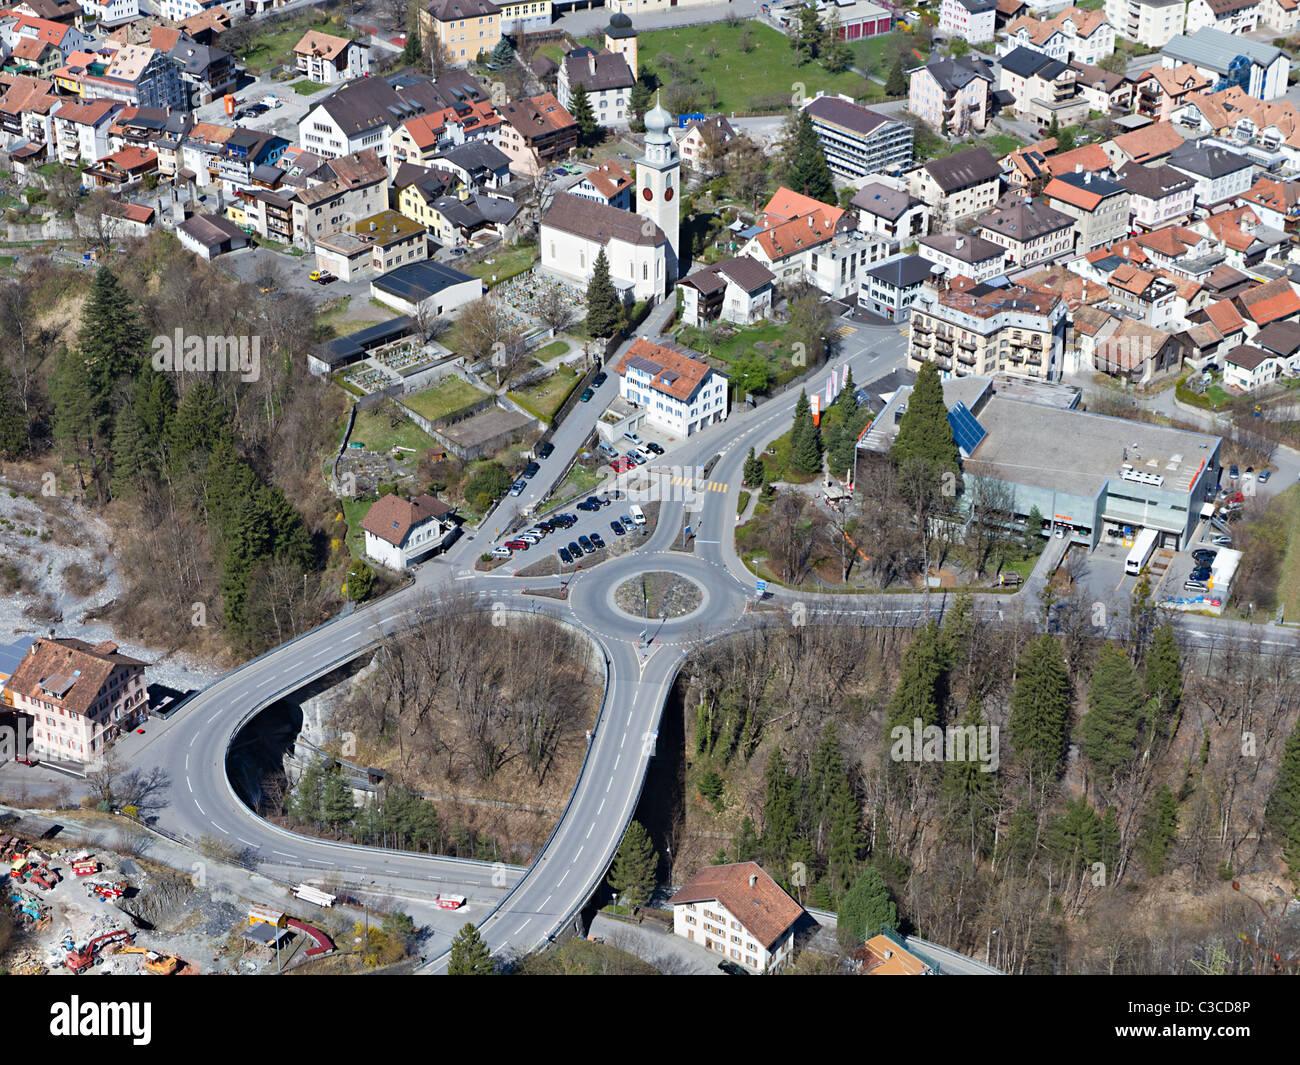 Frühling-Panorama der kleine Bergstadt im Tal in die große Straße Infrastruktur, Thusis Schweiz Stockbild